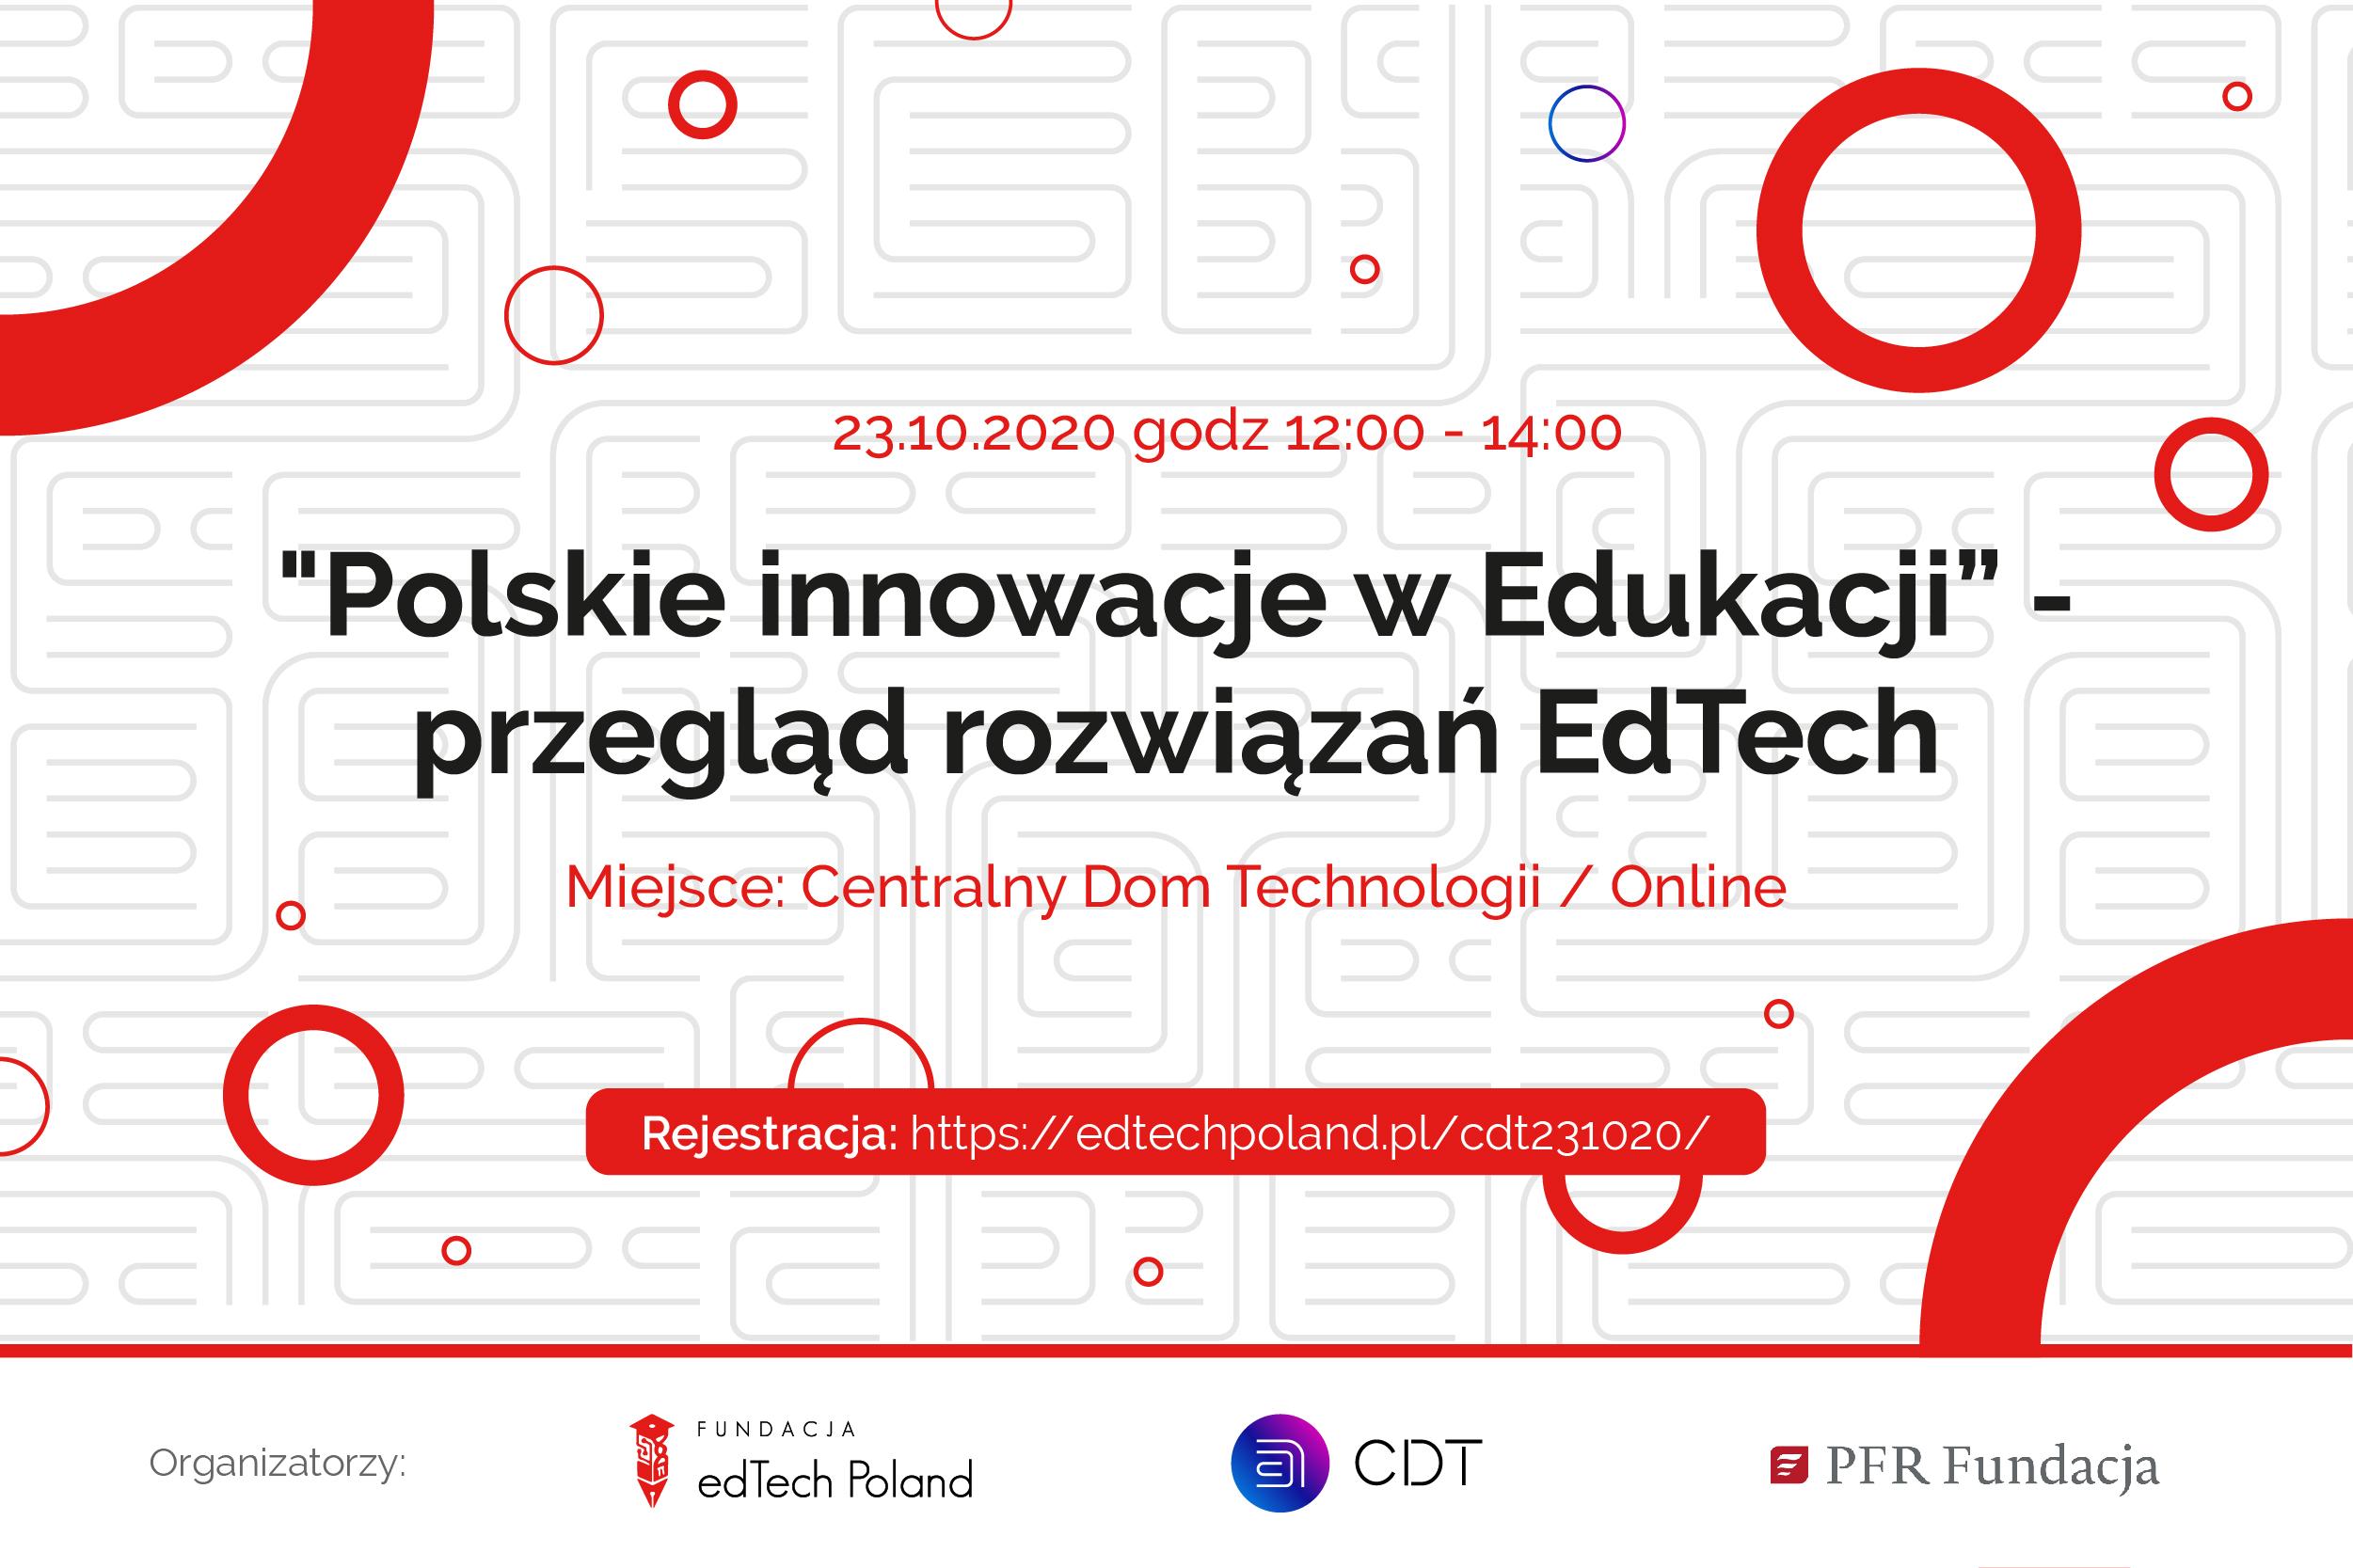 Przegląd rozwiązań EdTech